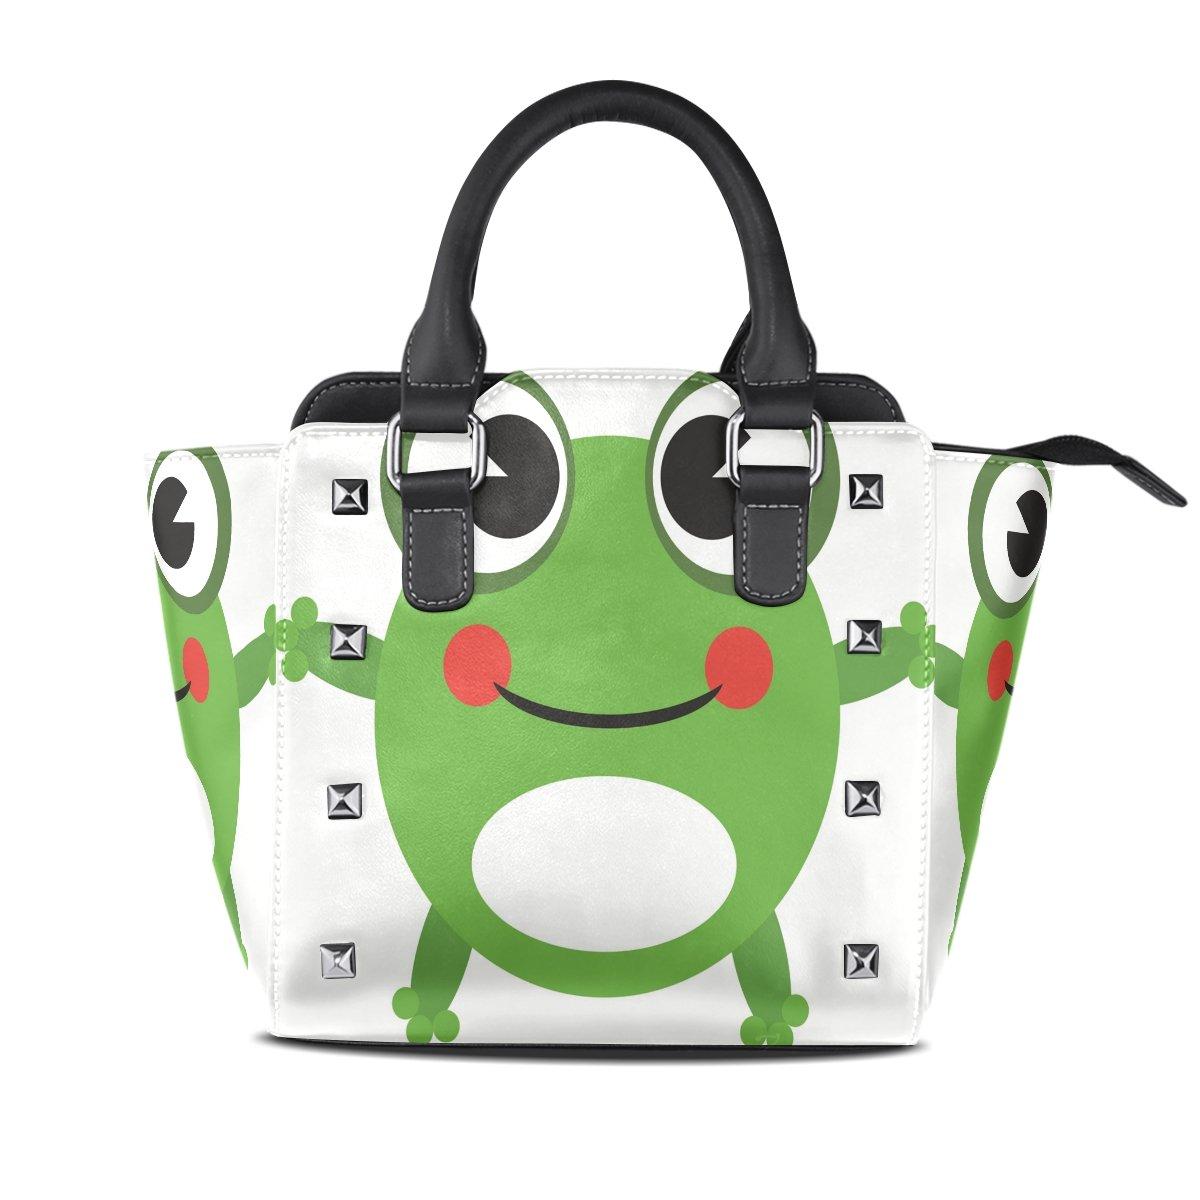 Ladies Genuine Leather Tote Bags Cute Frog Womens Hangbags Shoulder Bags